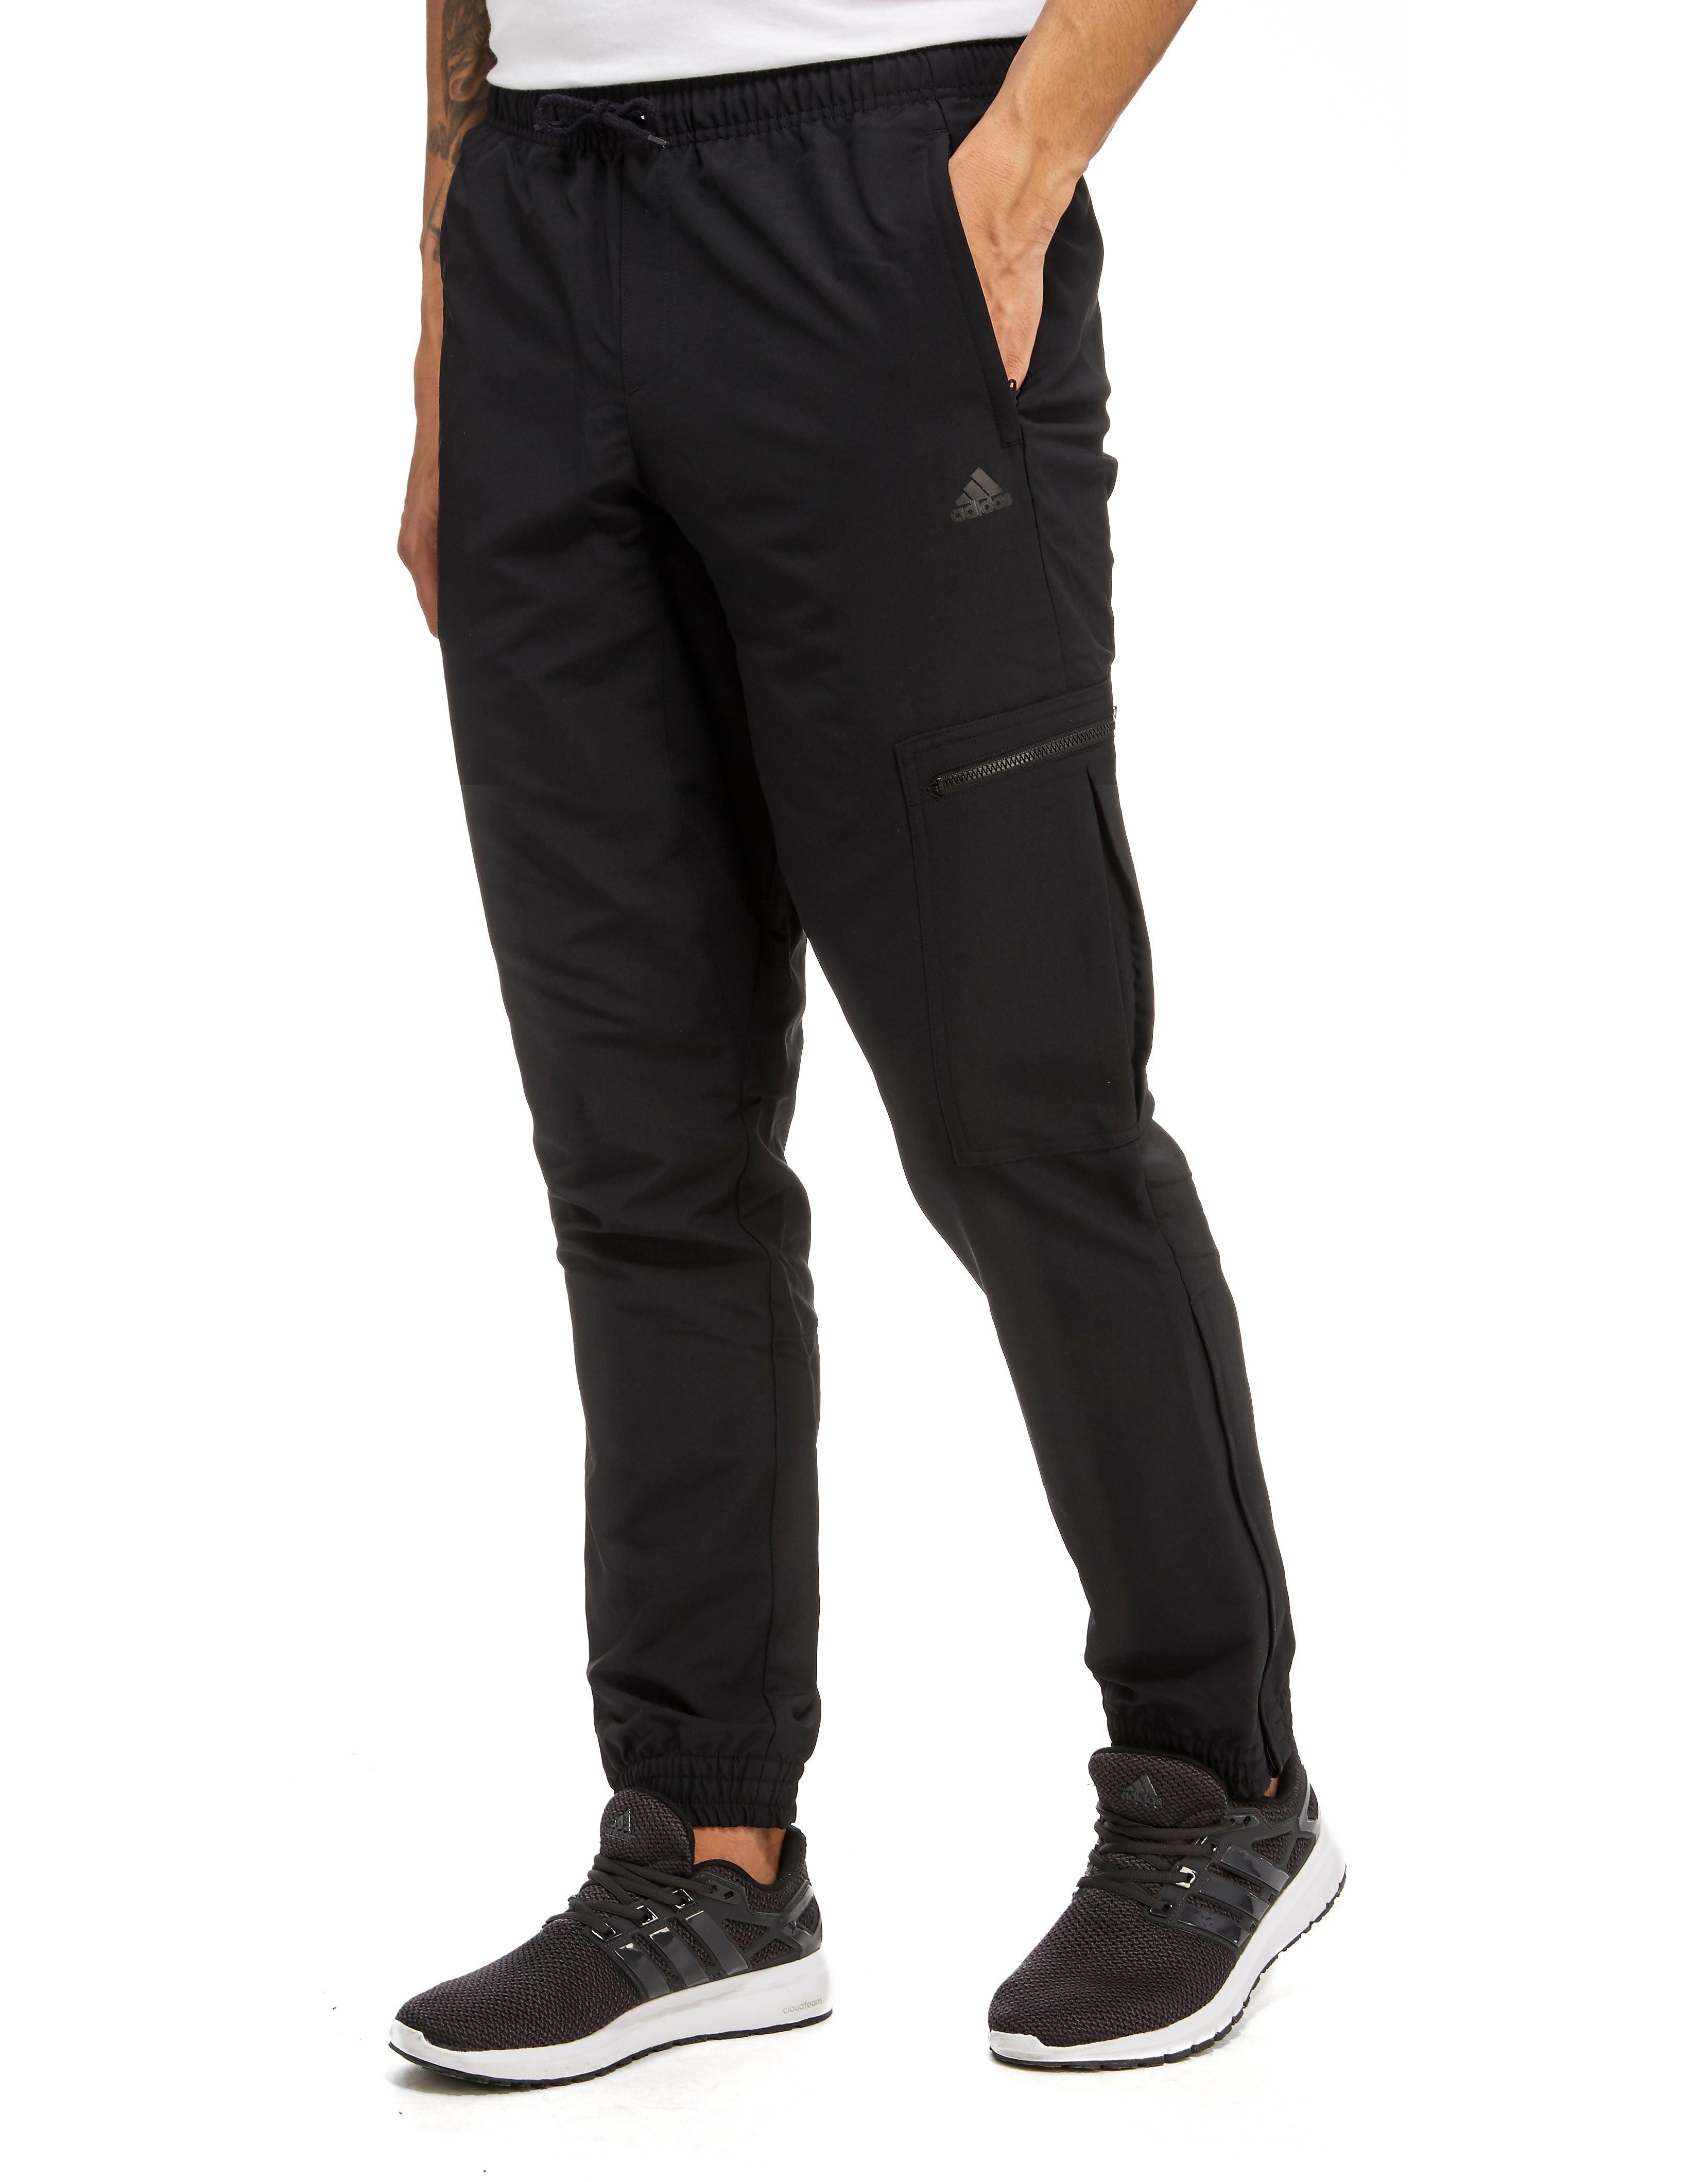 adidas Agile 3 Track Pants